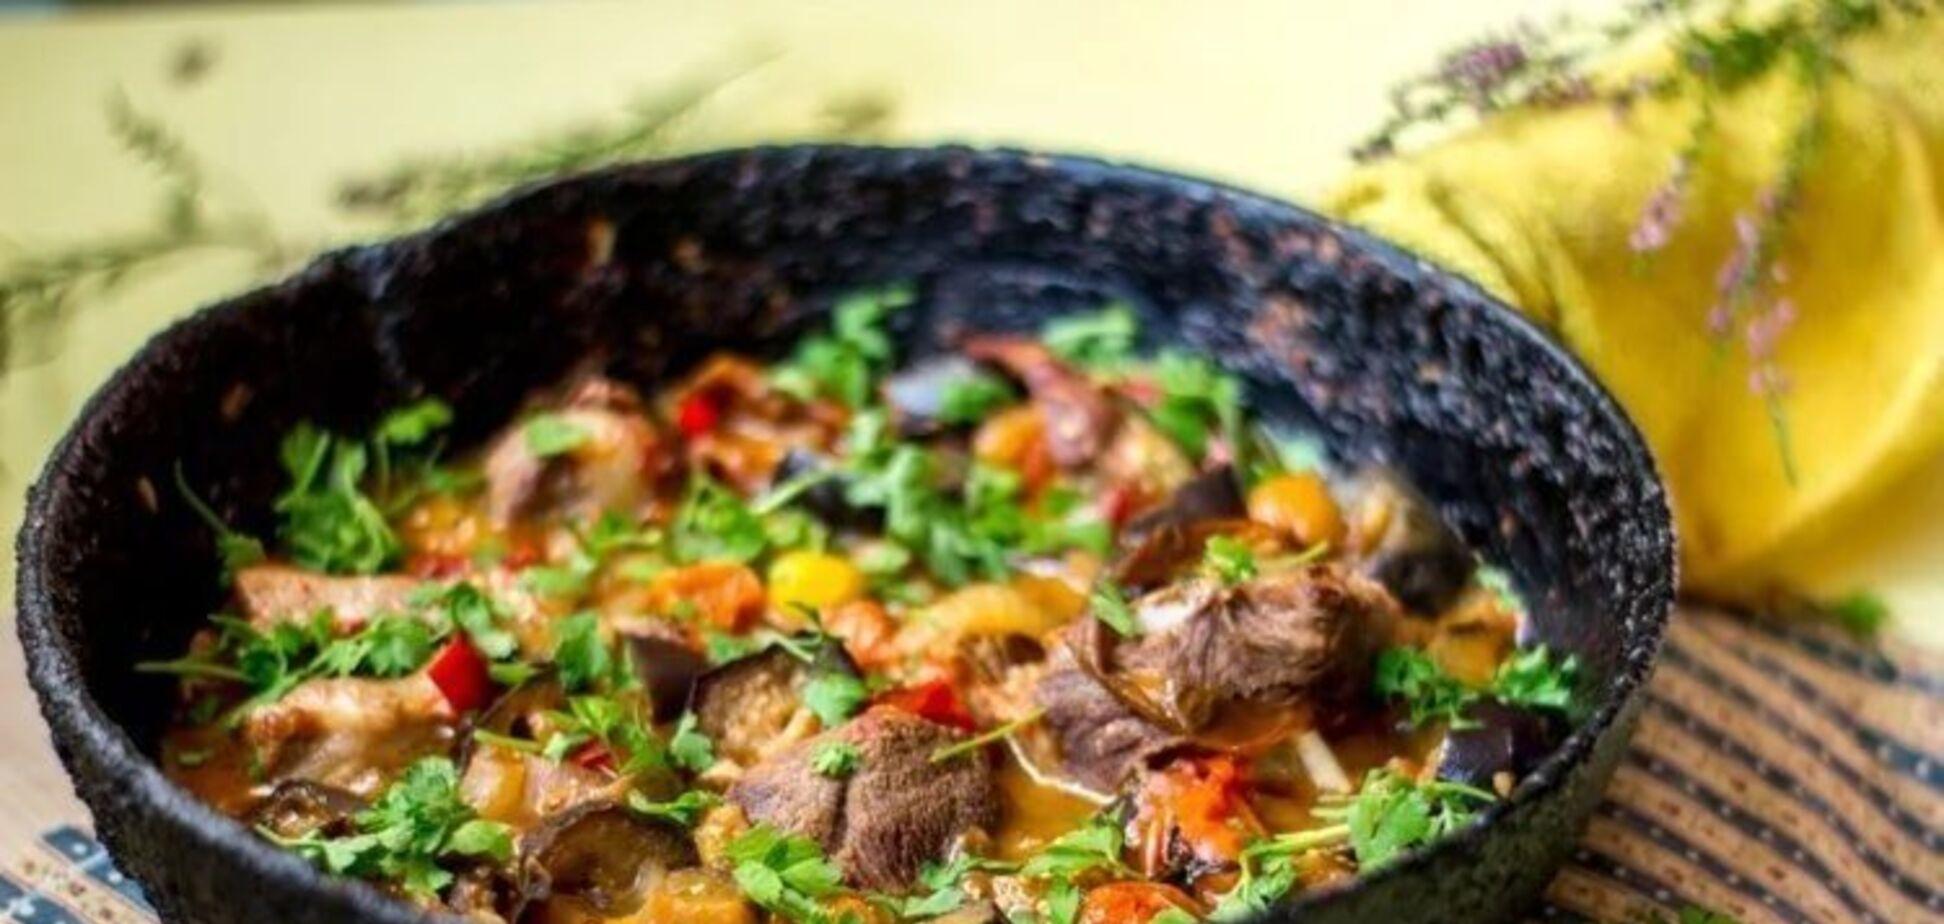 Рецепт надсмачної кавказької страви з баклажанами